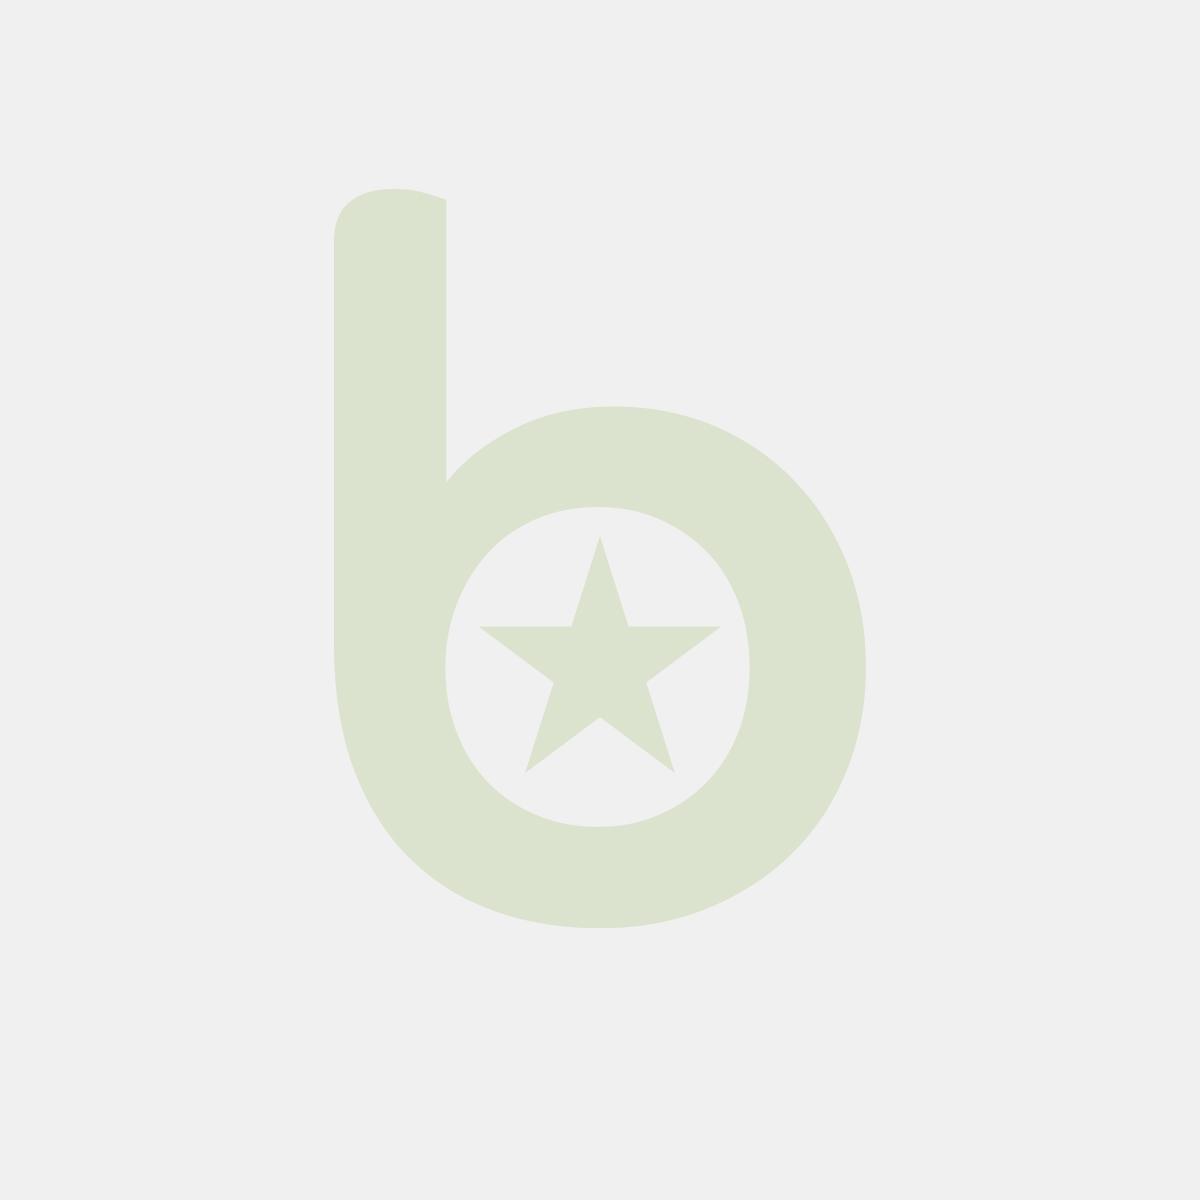 Witryna grzewcza nastawna- kod 233726